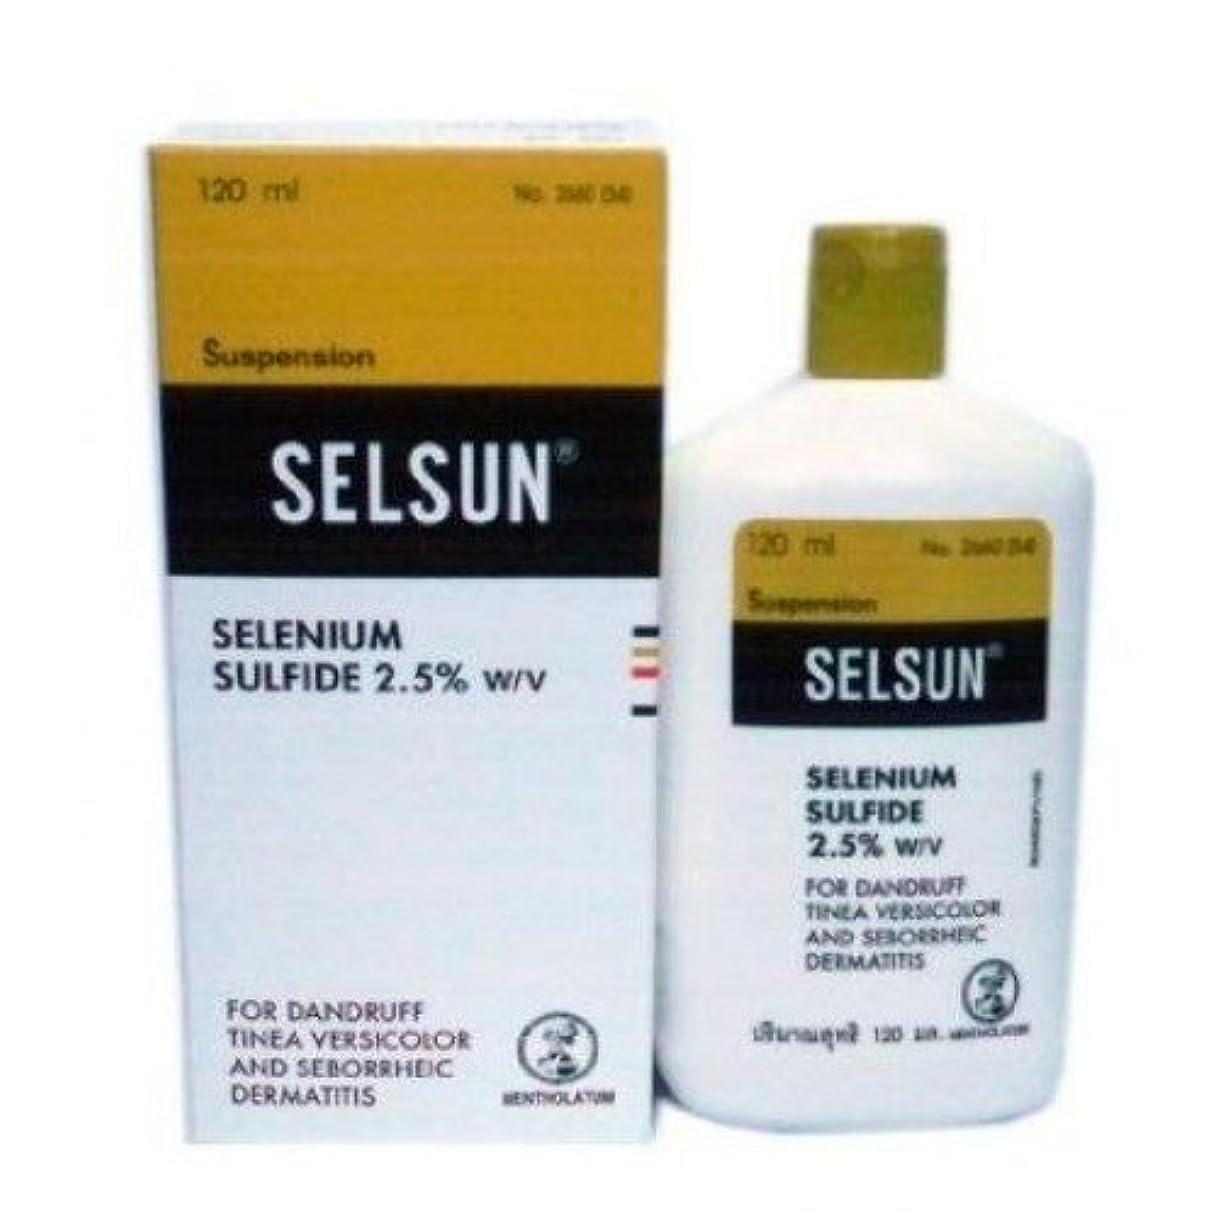 ピルファーパッチ何故なのSELSUN anti-dandruff shampoo 120ml  セルサン シャンプー